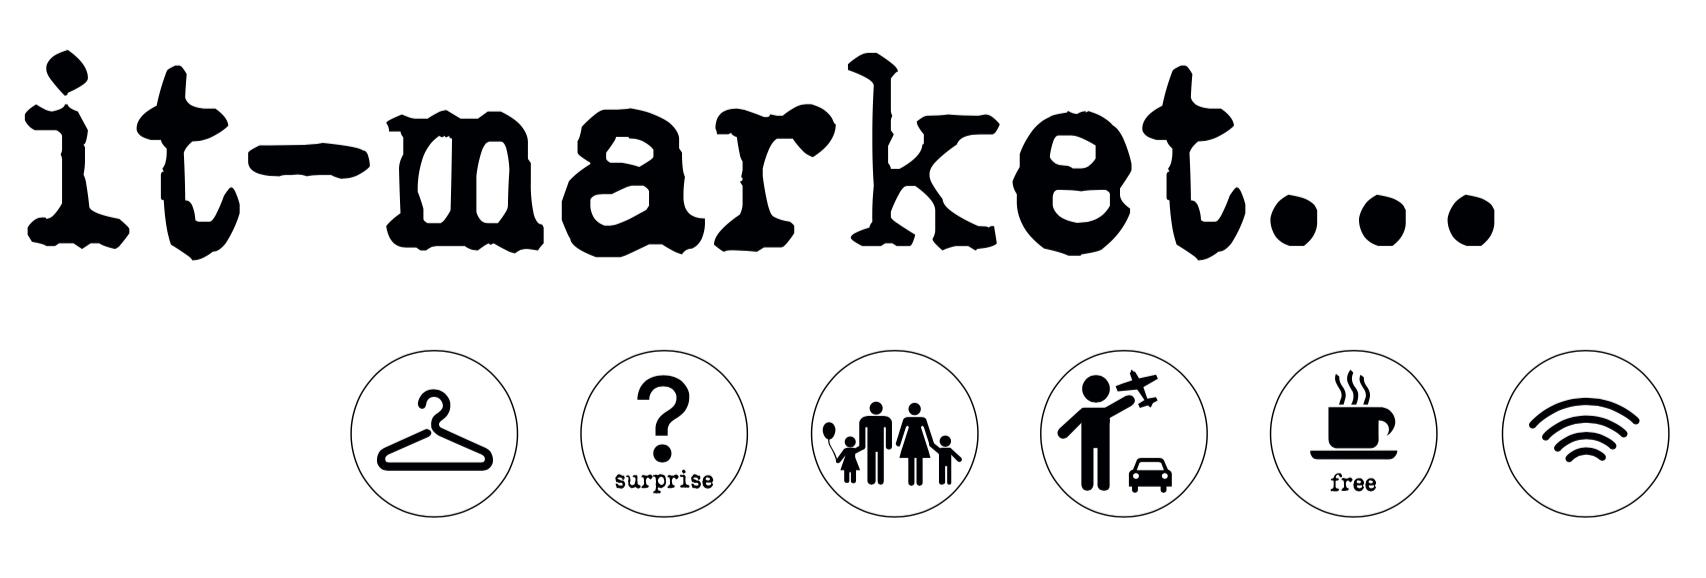 It-Market